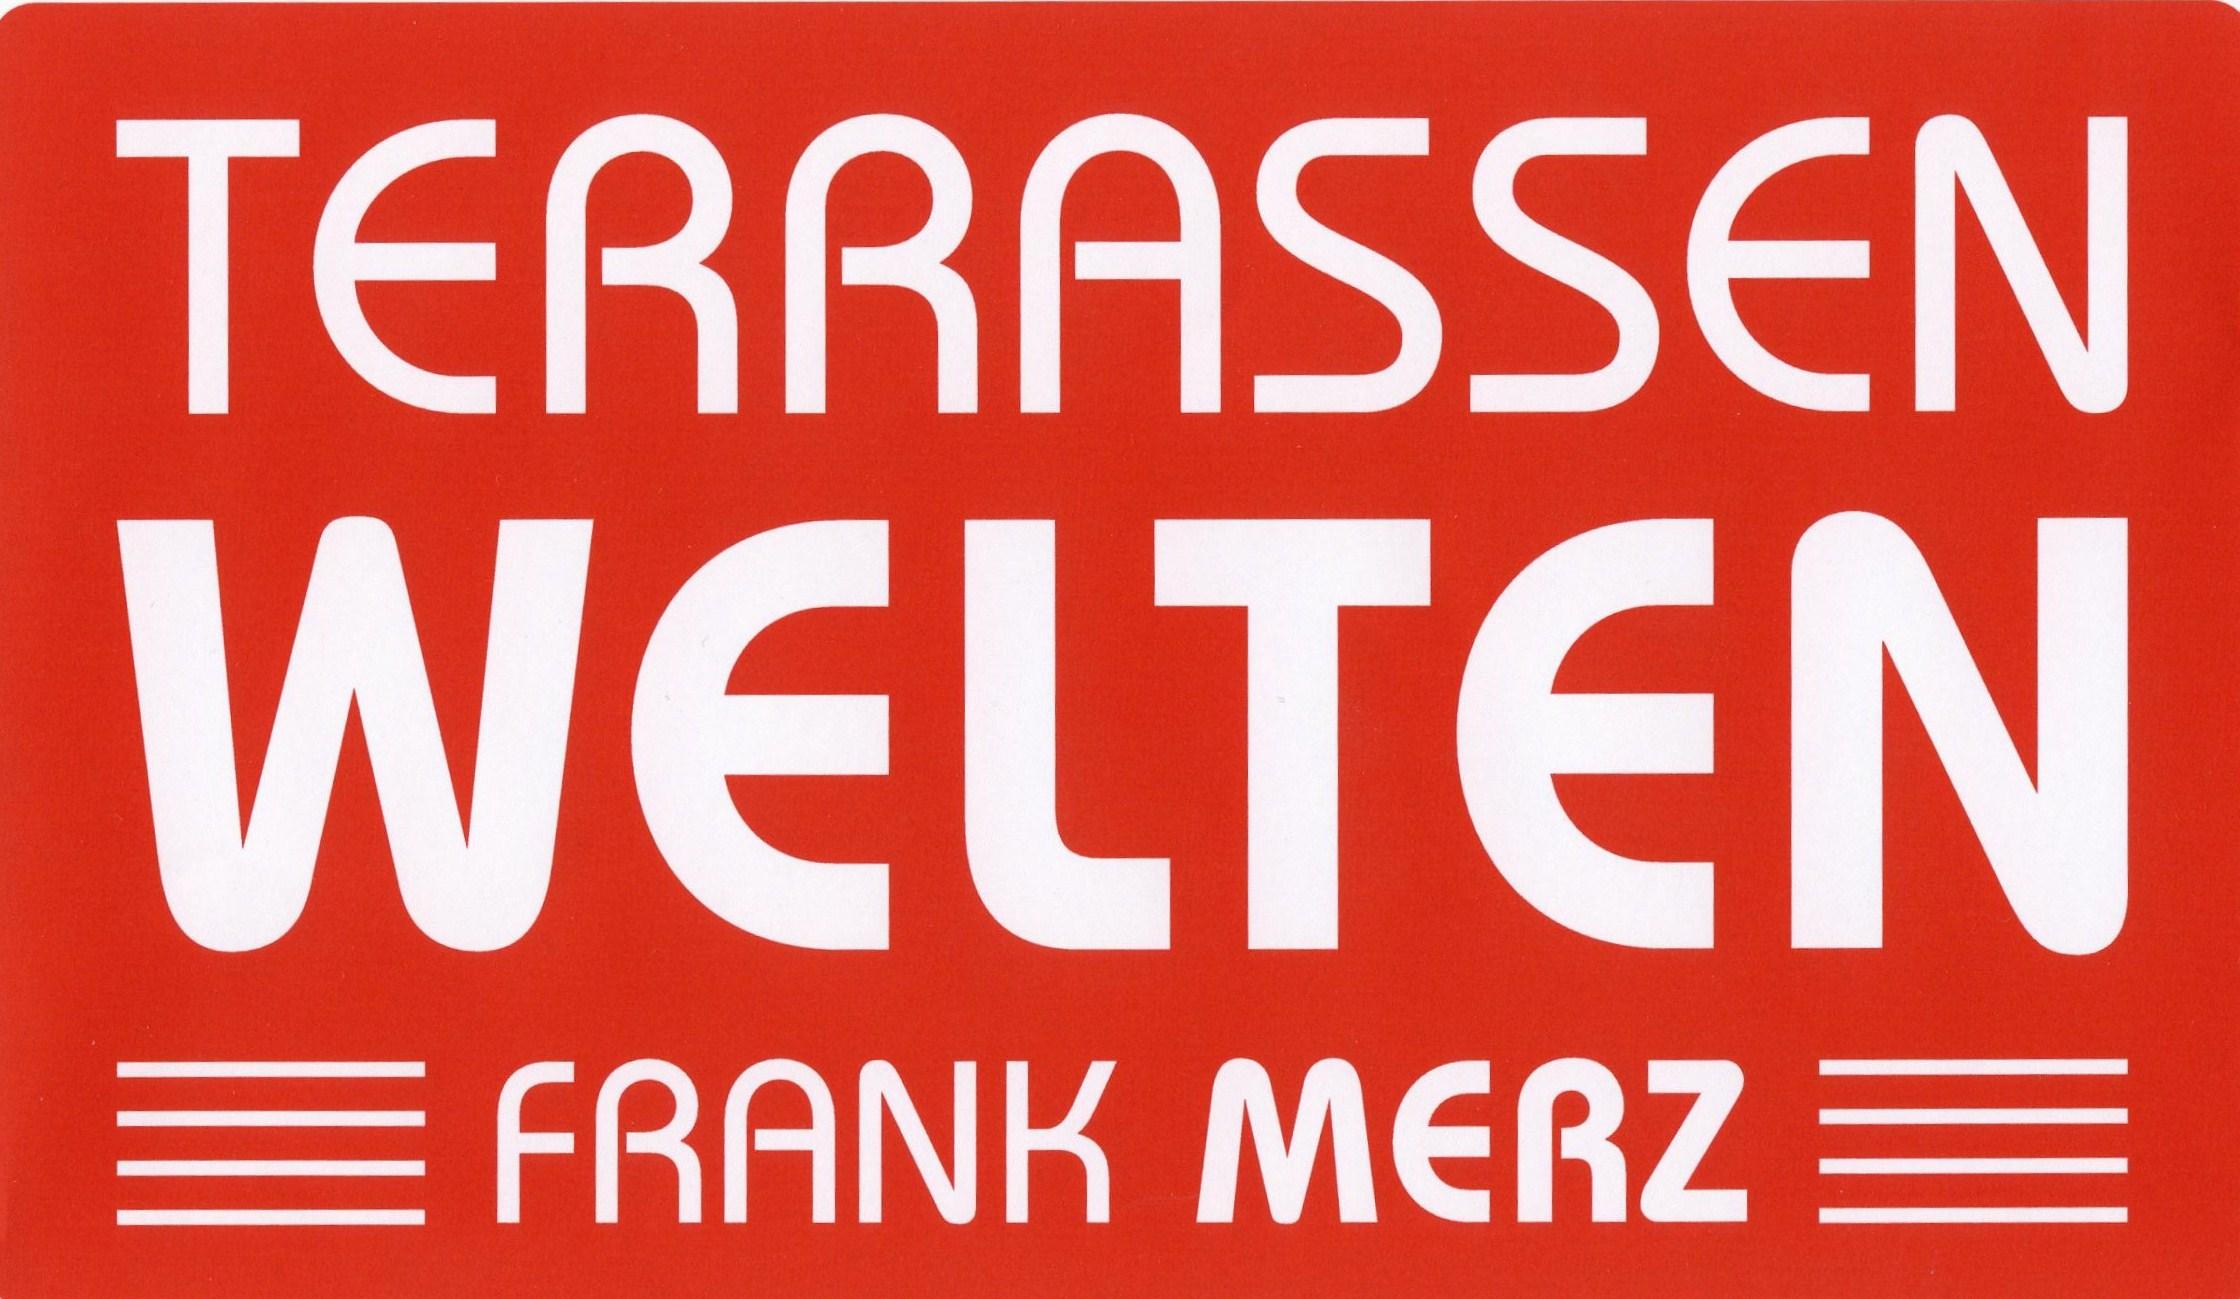 Terrassenwelten Frank Merz